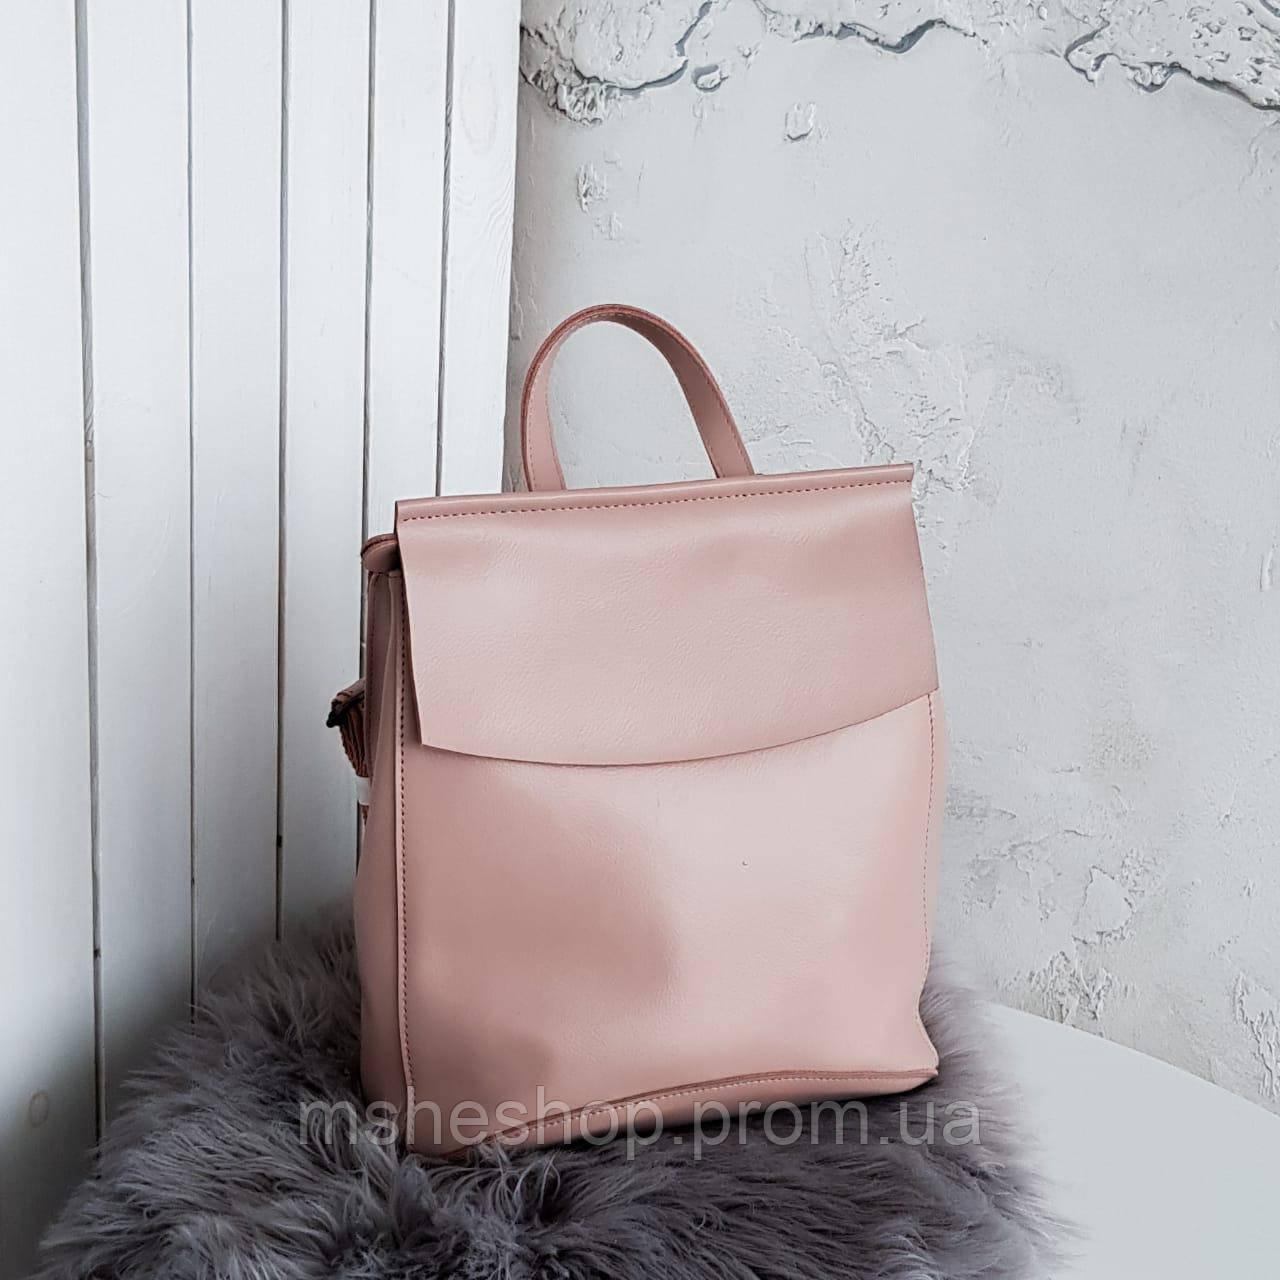 a54806612096 Женский кожаный рюкзак пудрового цвета